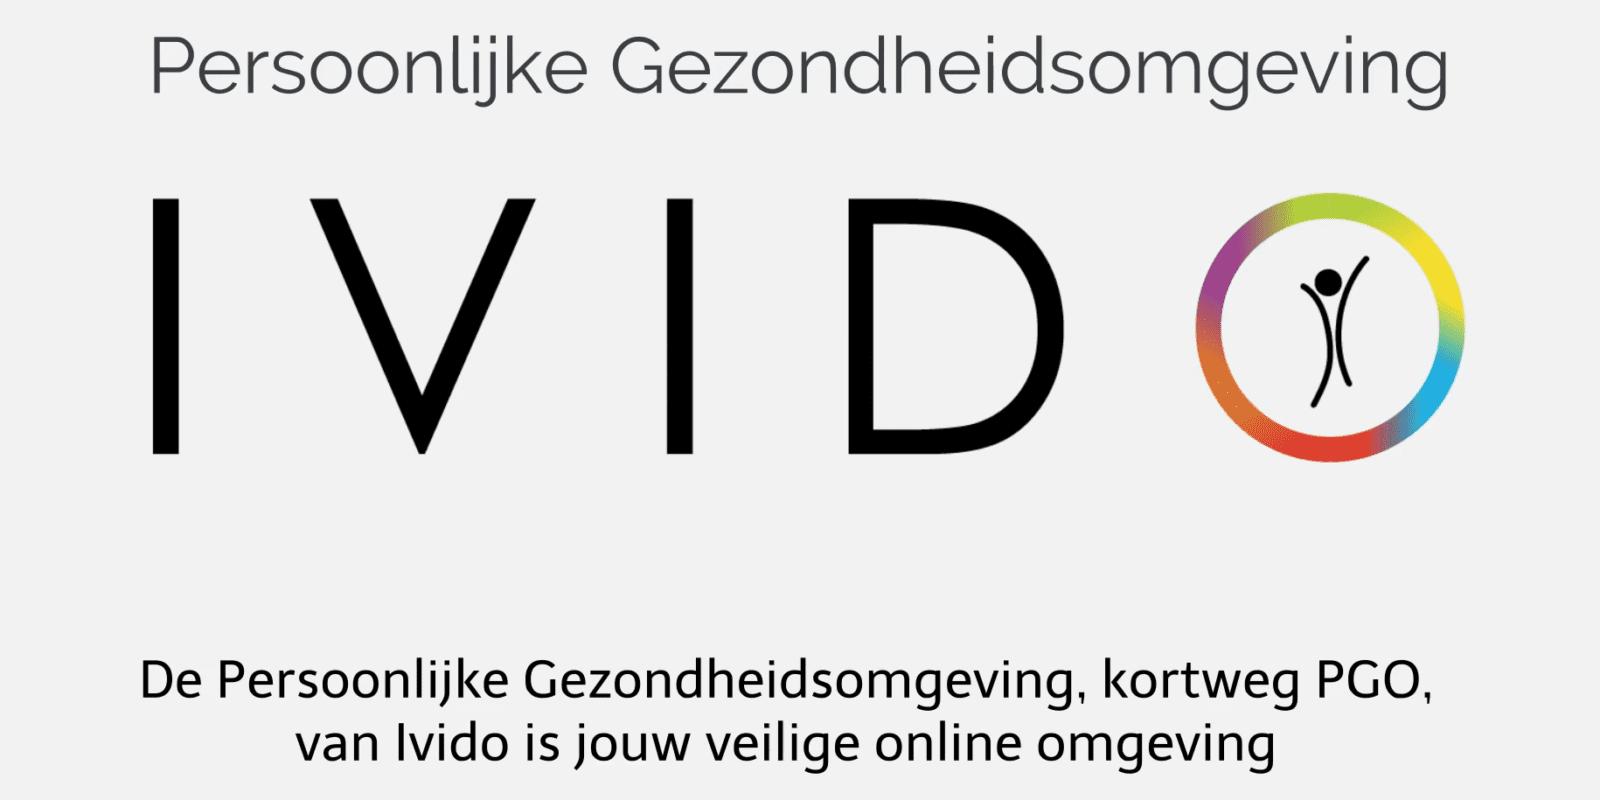 Bekijk dit filmpje voor meer informatie over hoe de PGO van Ivido werkt.